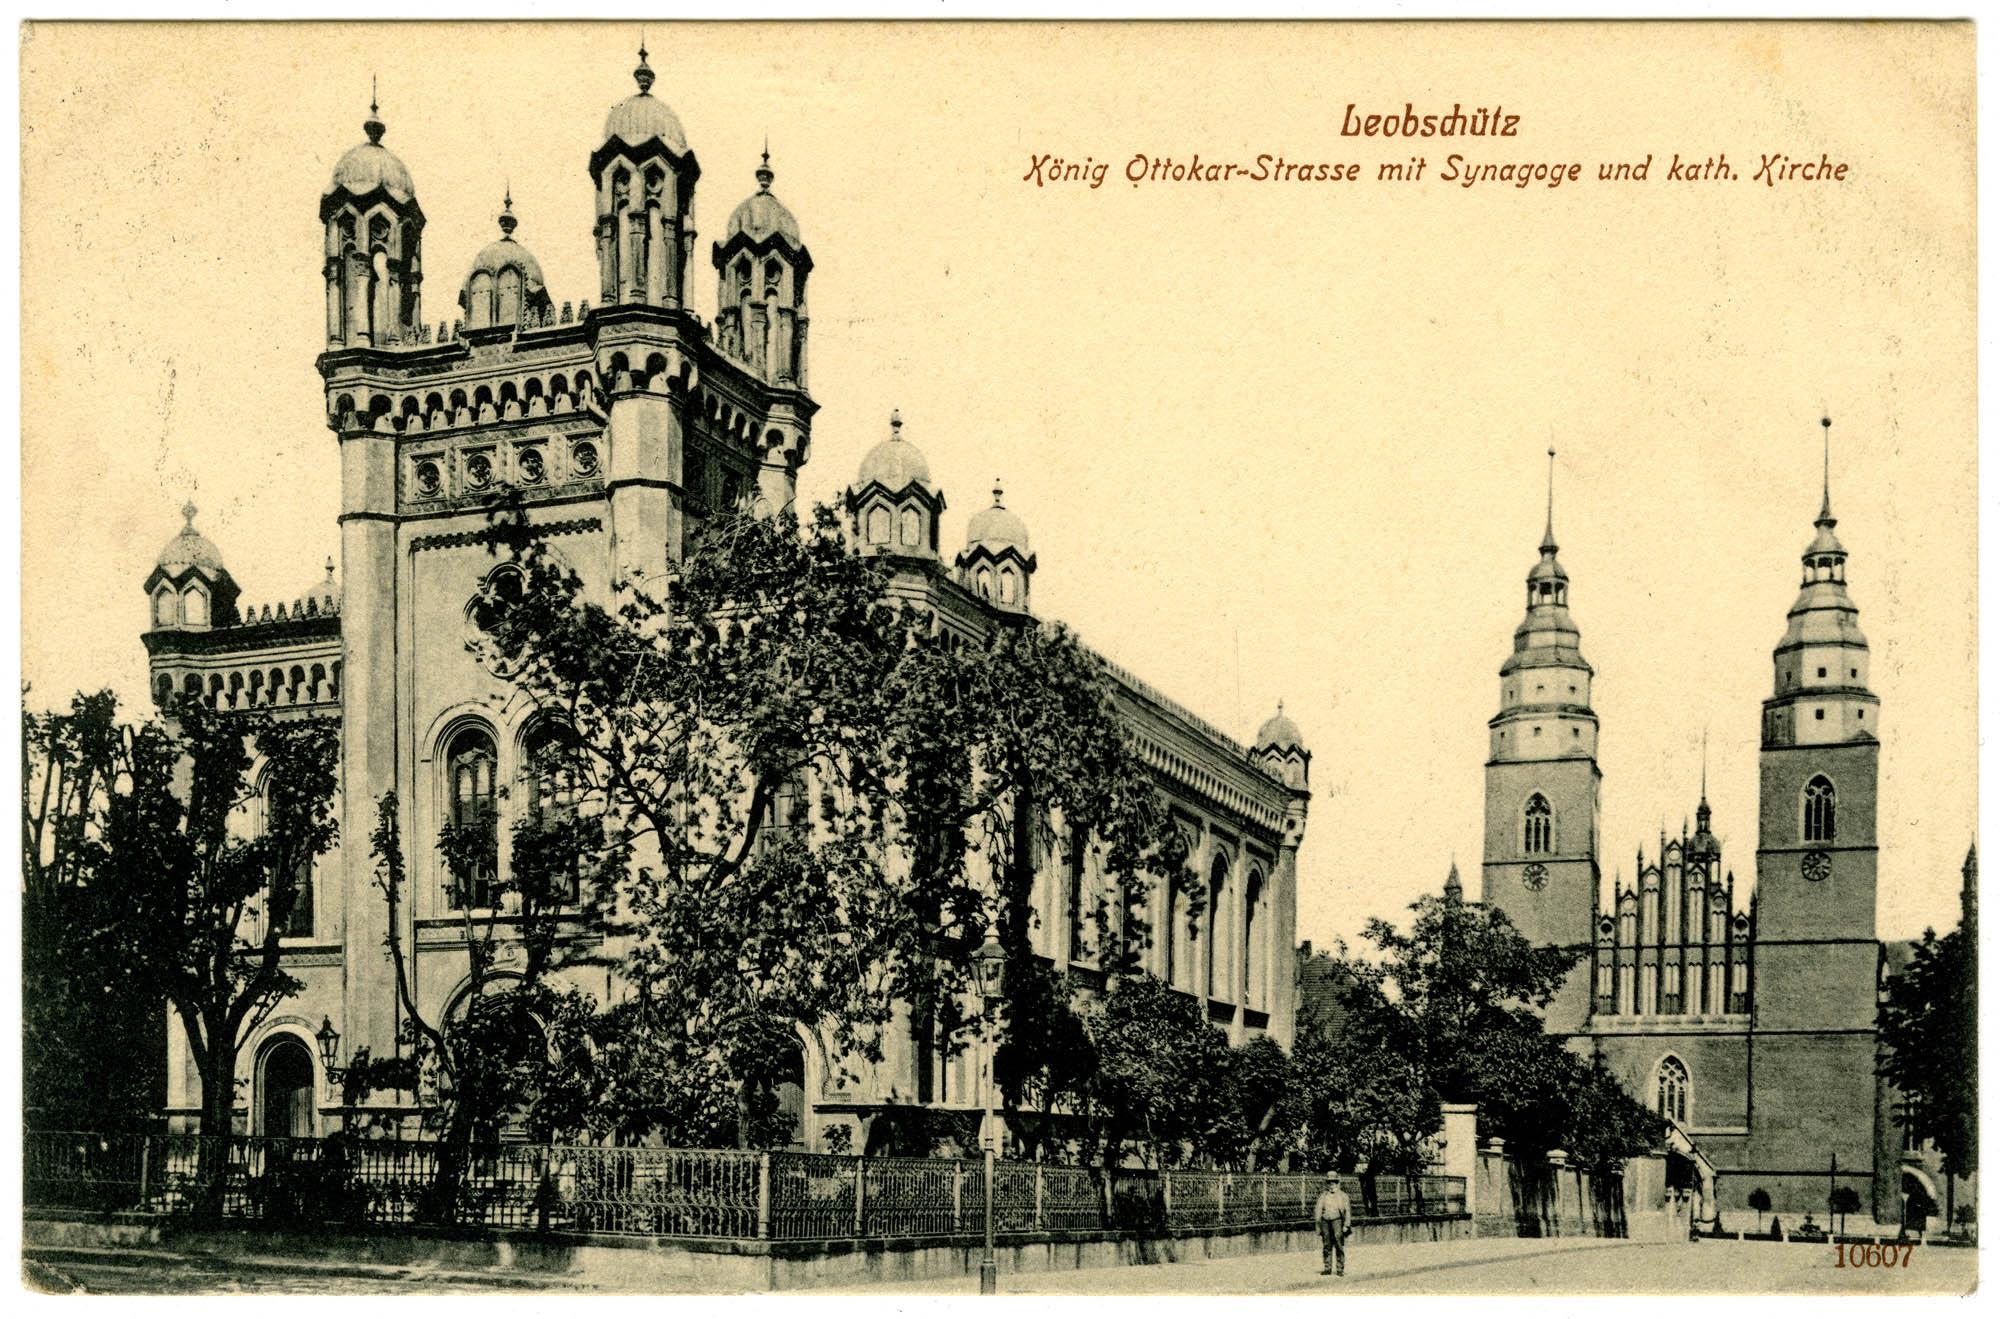 Leobschütz, König Ottokar-Strasse mit Synagoge und kath. Kirche